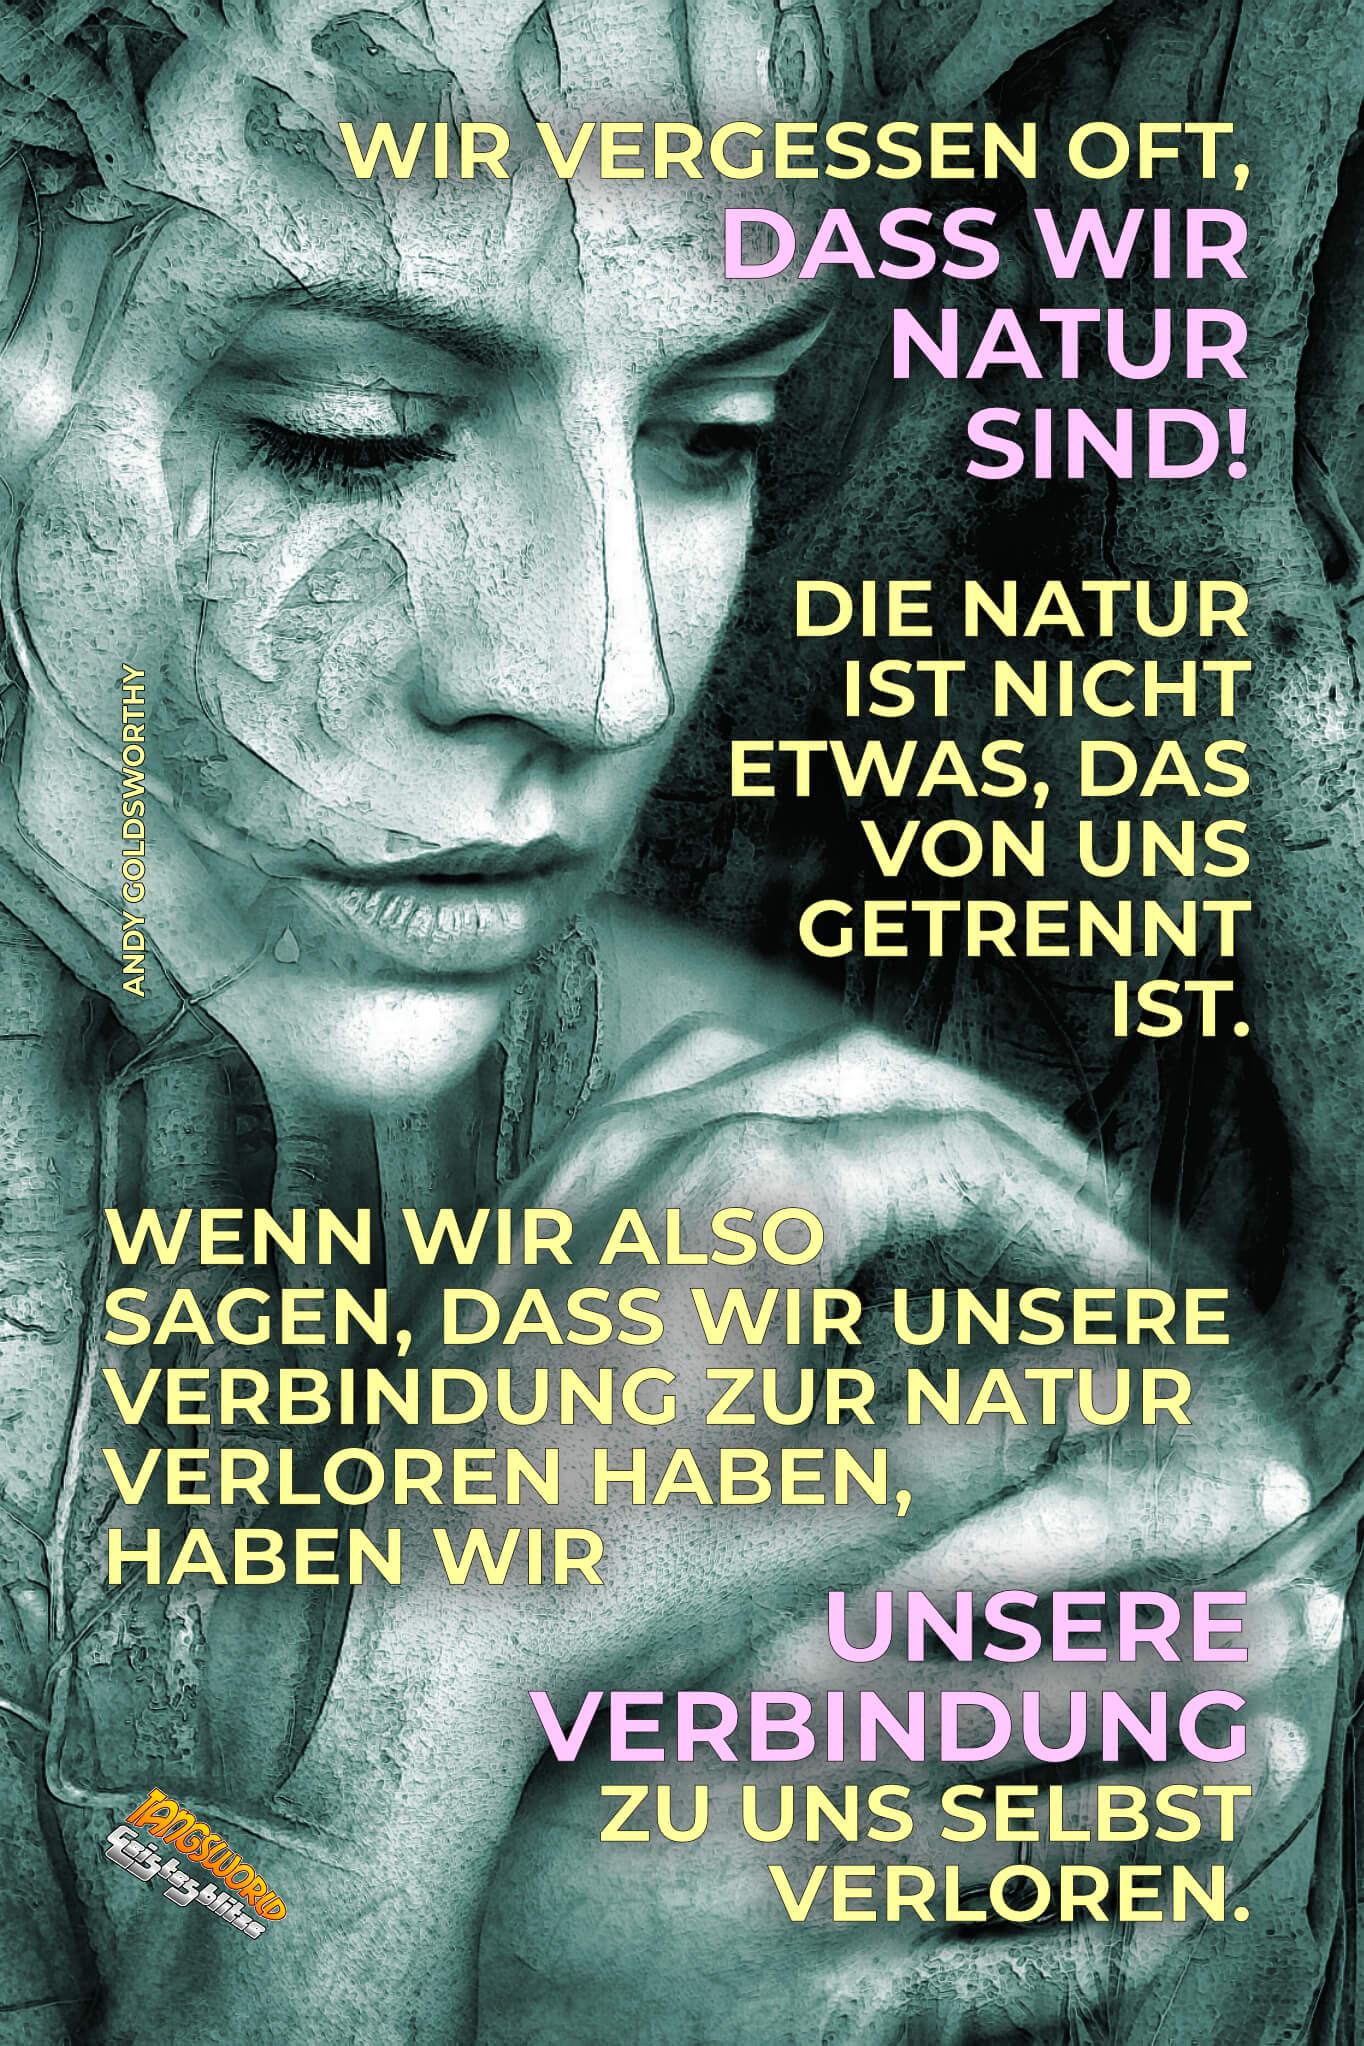 Wir vergessen oft, dass wir Natur sind. Die Natur ist nicht etwas, das von uns getrennt ist. Wenn wir also sagen, dass wir unsere Verbindung zur Natur verloren haben, haben wir unsere Verbindung zu uns selbst verloren. - Geistesblitze | Andy Goldsworthy